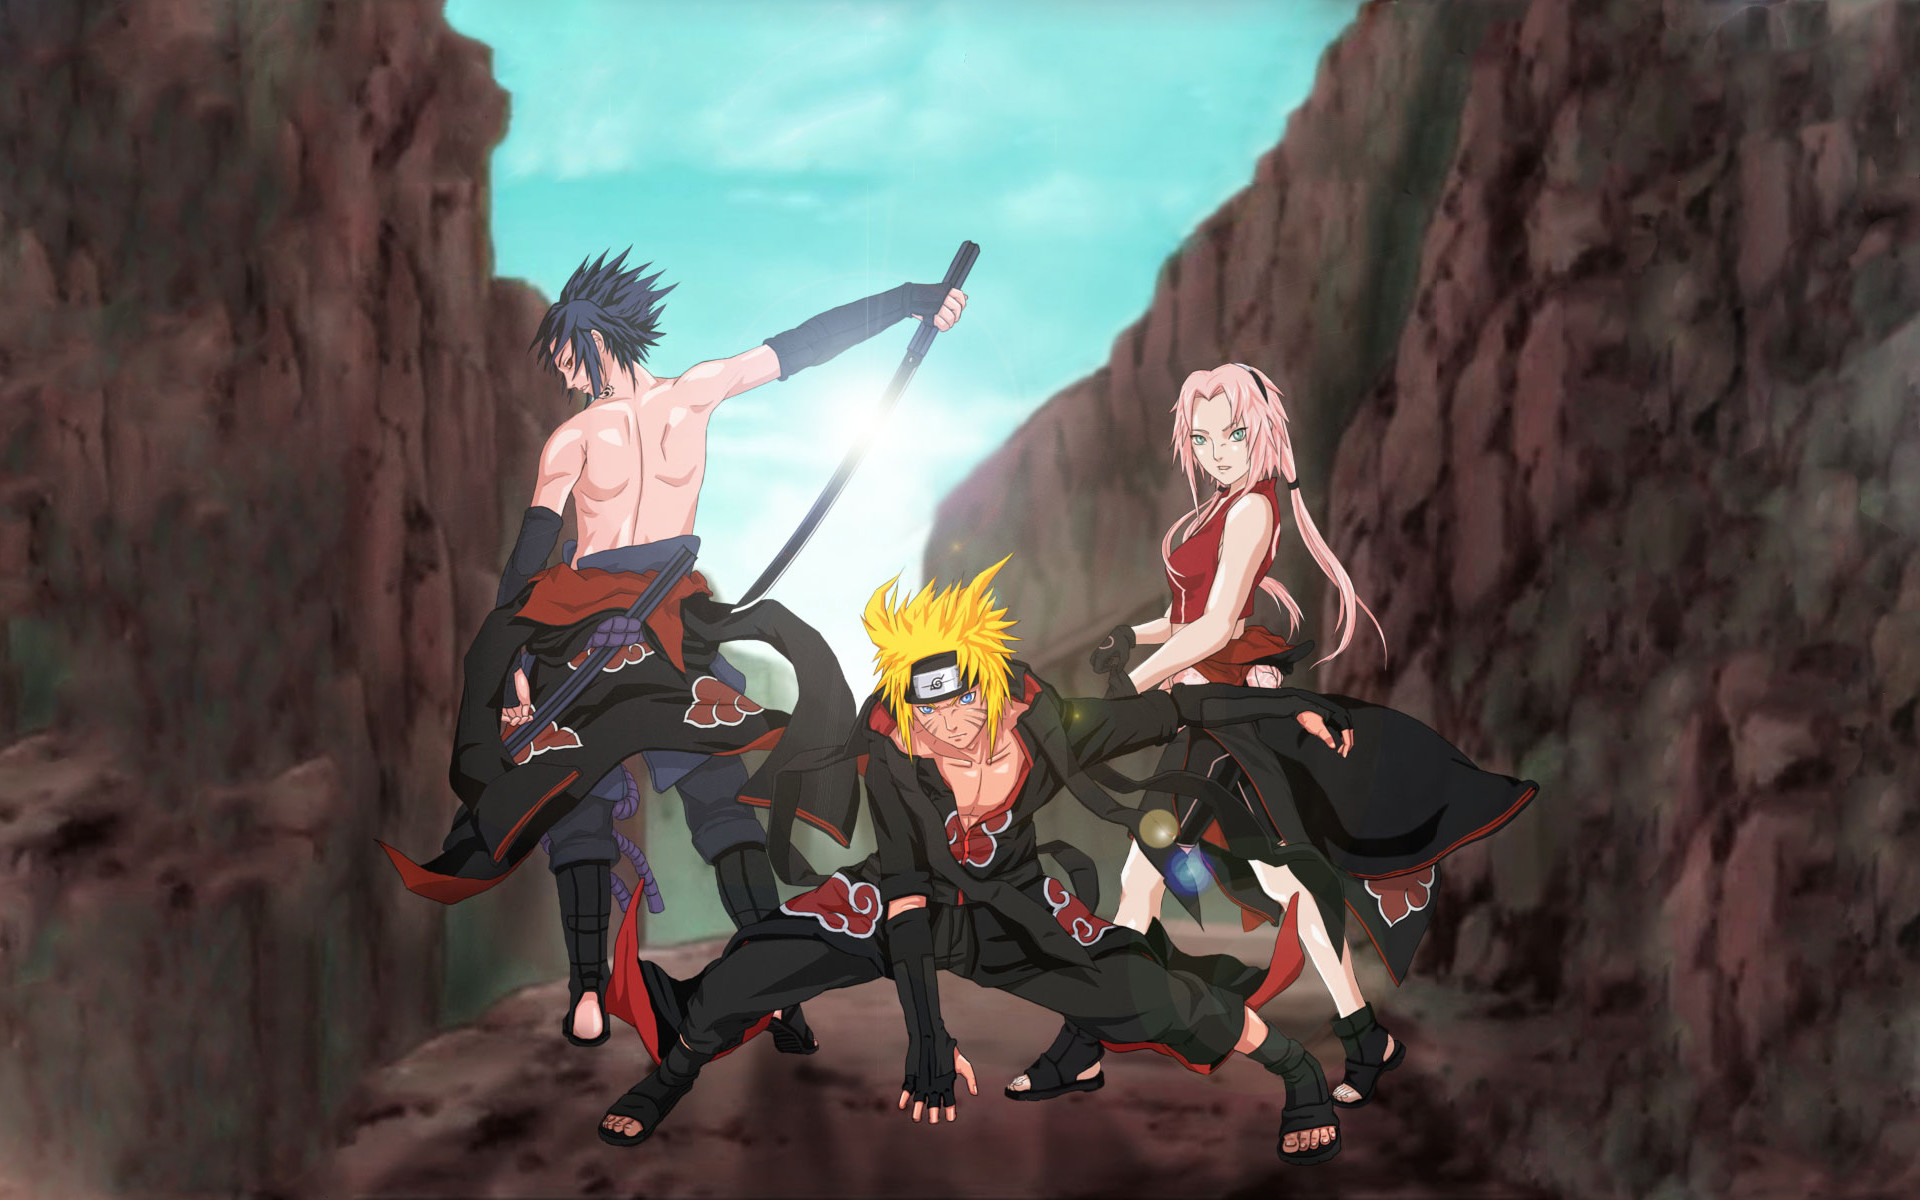 Anime – Naruto Sakura Haruno Naruto Uzumaki Sasuke Uchiha Wallpaper